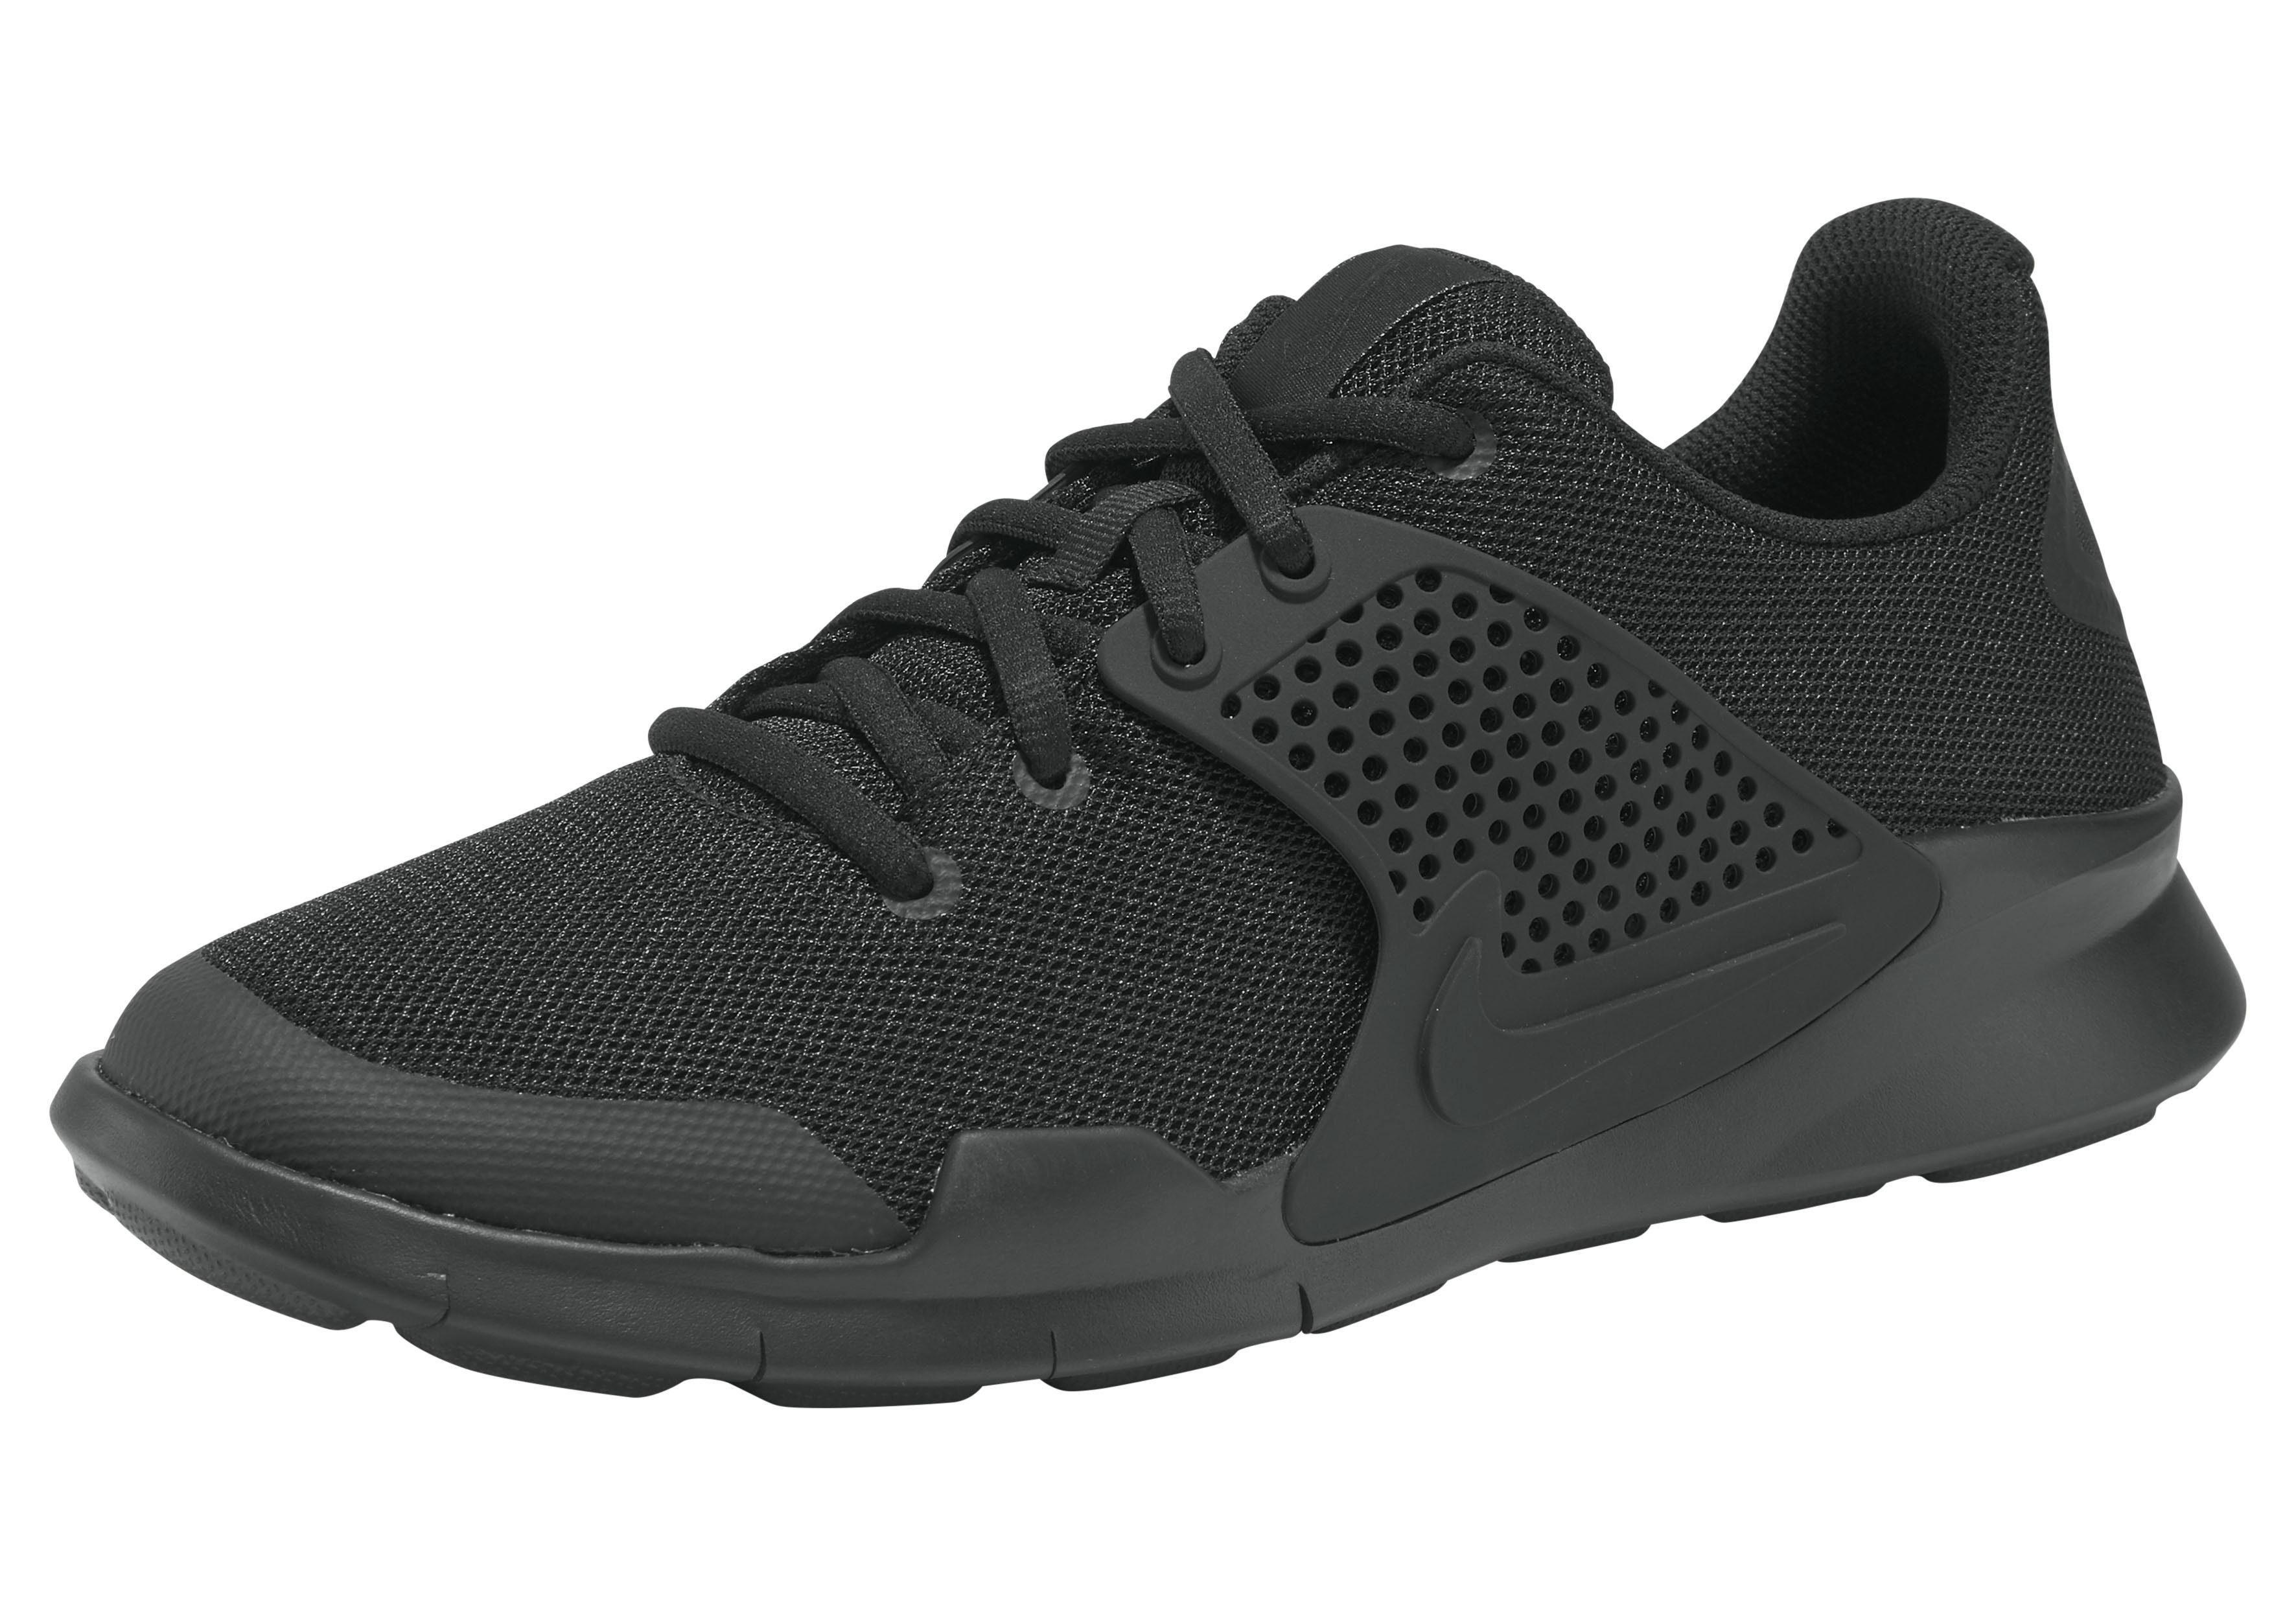 Nike Sportswear »ARROWZ« Sneaker, Weiches Obermaterial aus Textil und Synthetik online kaufen | OTTO